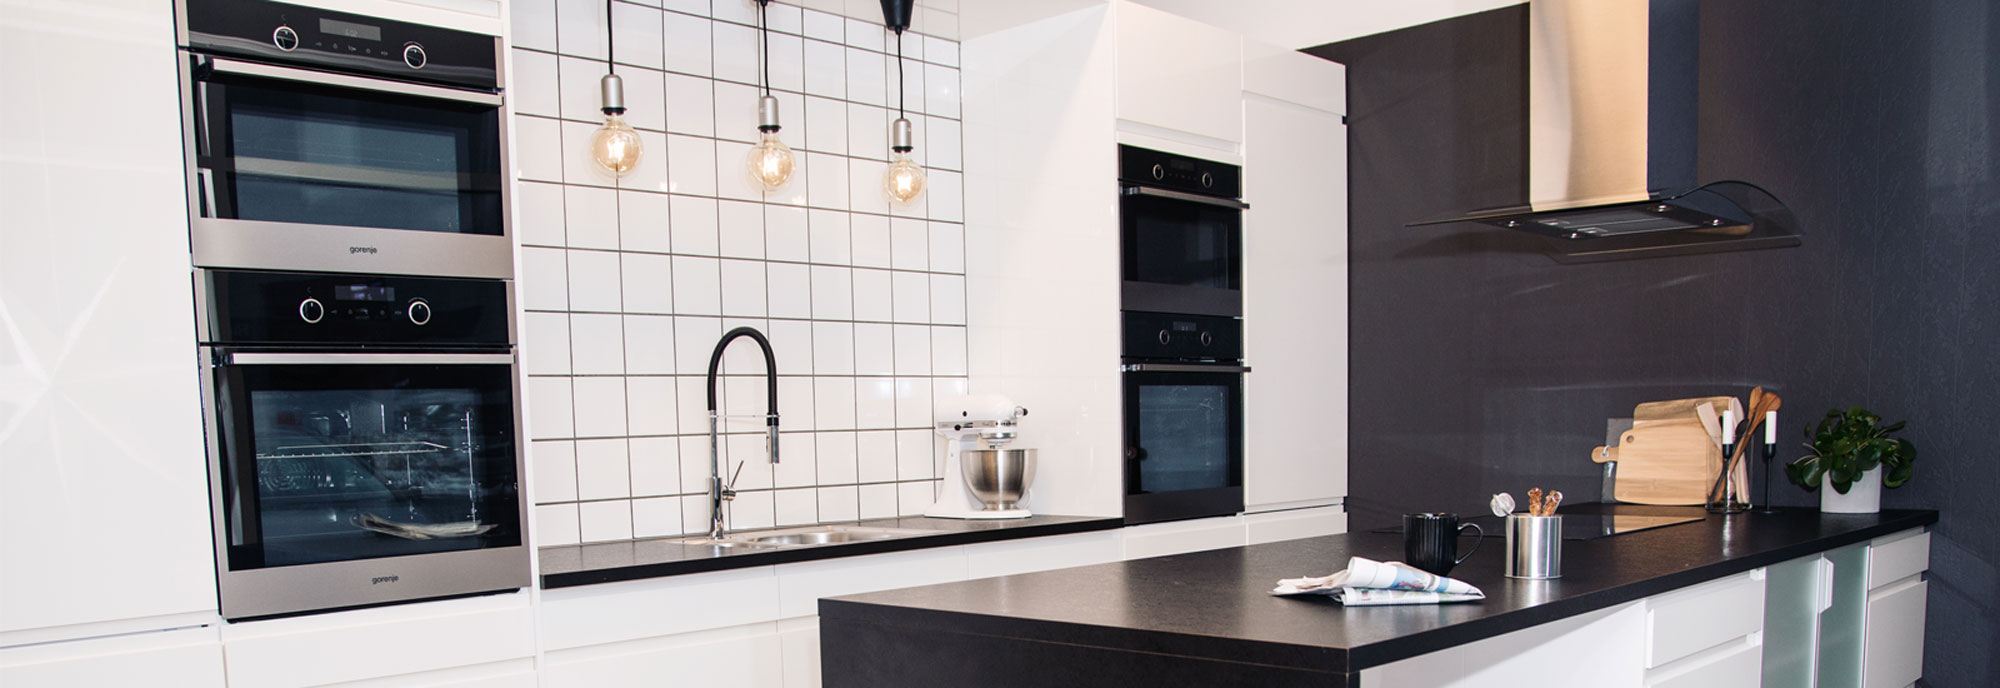 Vinn kjøkken: mitt nye kjkken tar f. sørlandskjøkken kjøkken ...